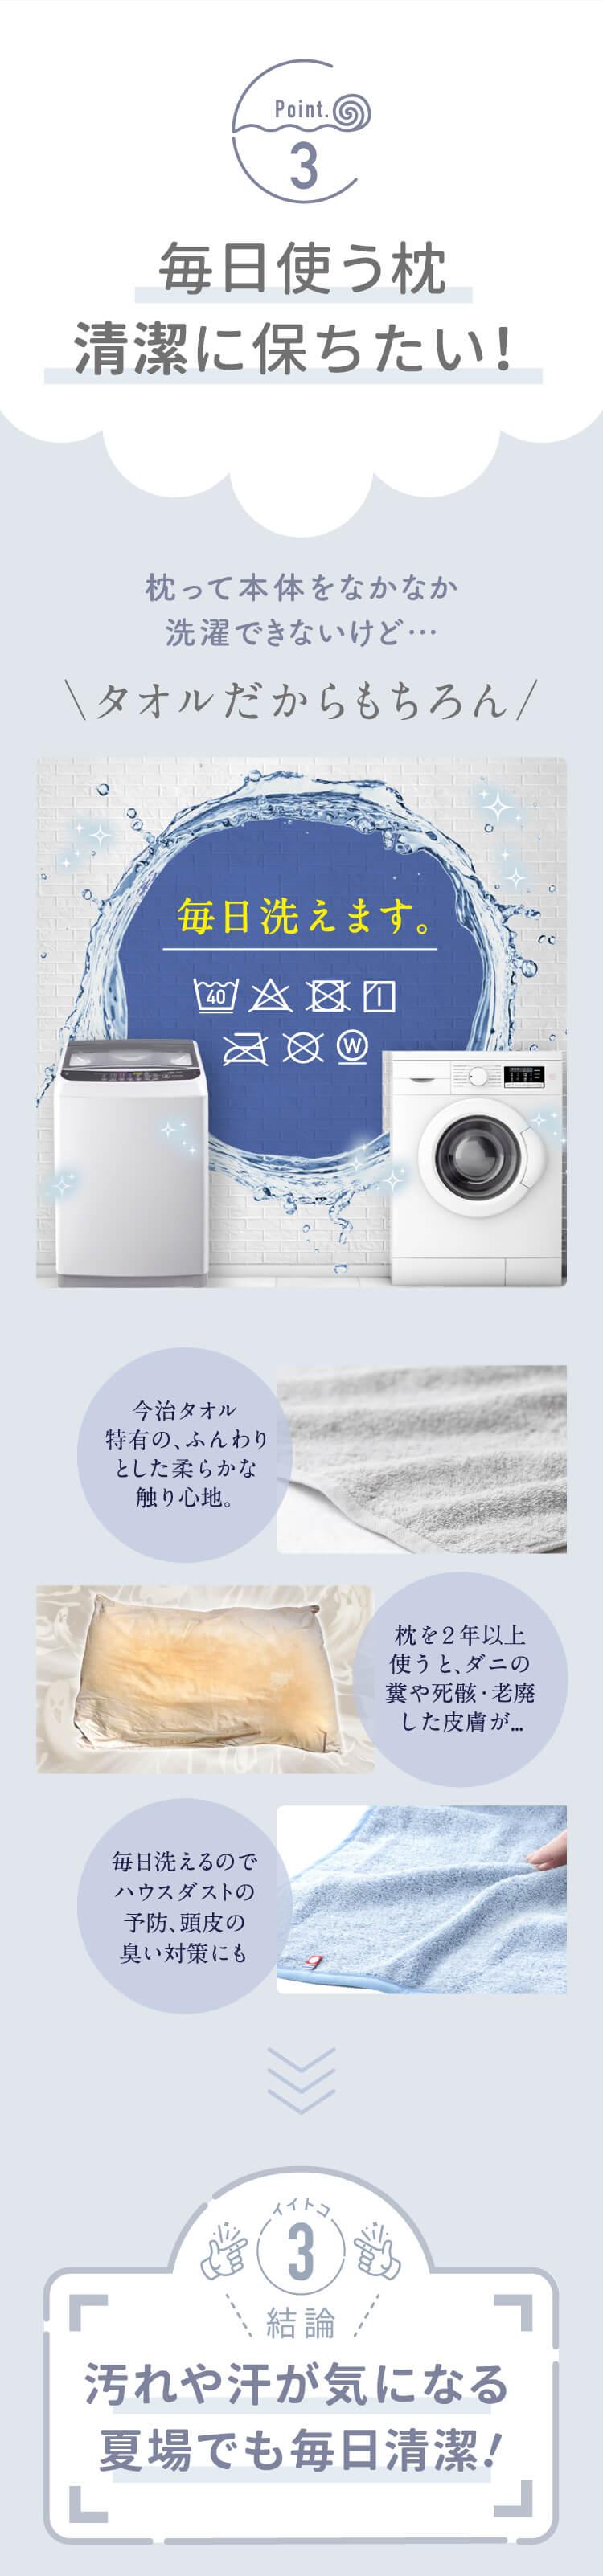 毎日使う枕は清潔に保ちたい!汚れや汗が気になる夏場でもすぐに洗えて毎日清潔!